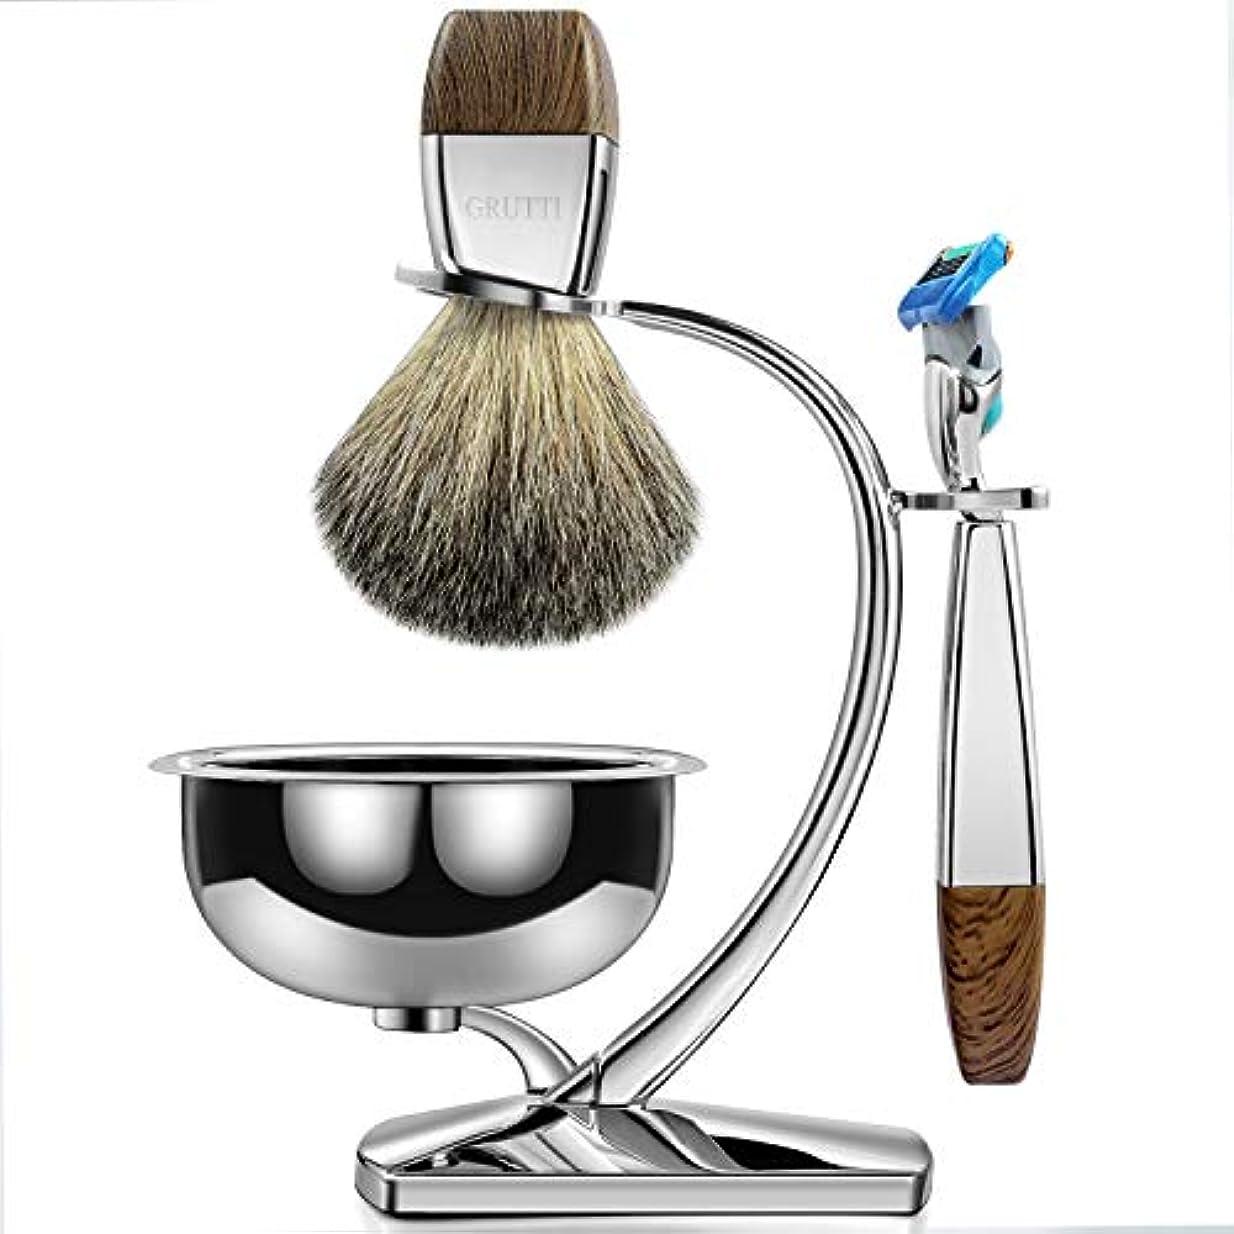 近所の生態学喜劇GRUTTI かみそりスタンド カミソリシェービングブラシスタンド 用 スタンド ホルダー ラック 洗顔 髭剃りメンズシェーバー シェービング用アクセサリー (ジレットフュージョン5)